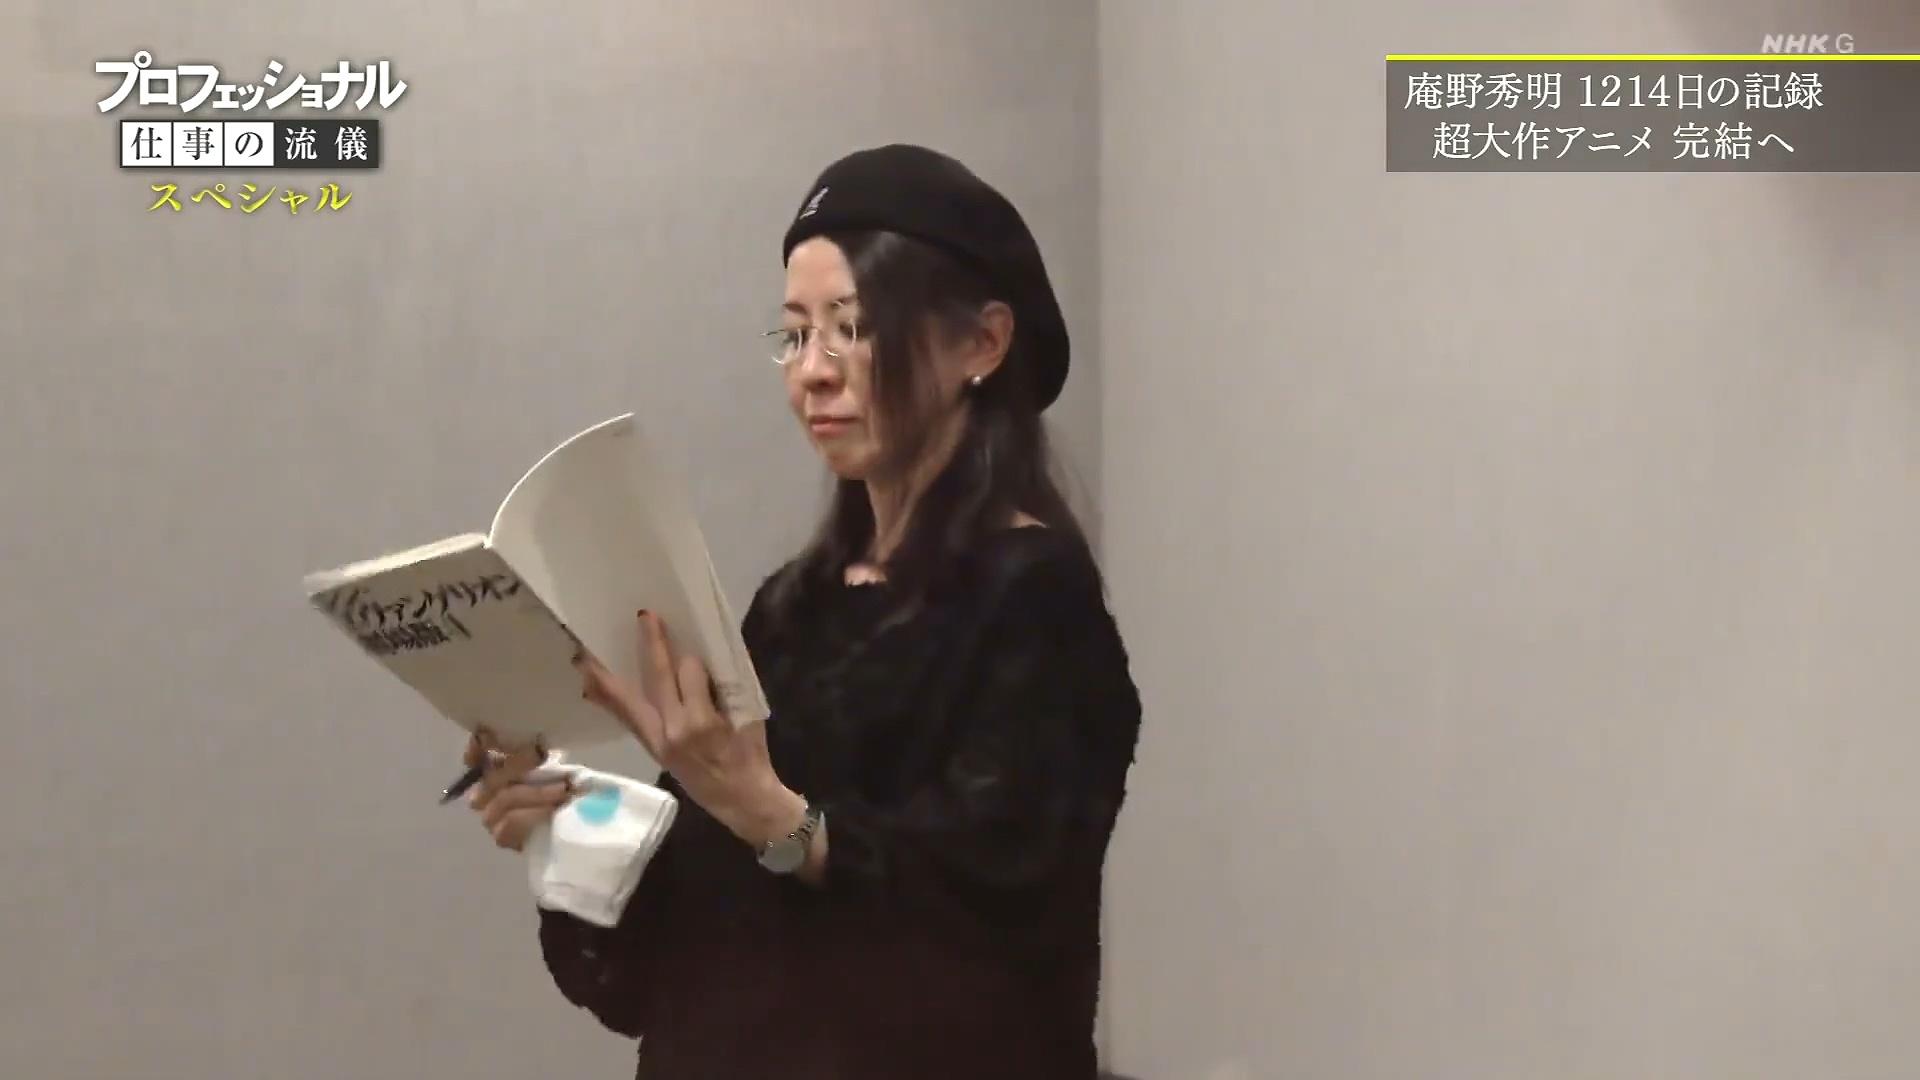 庵野秀明 NHK纪录片 三石琴乃 绪方惠美 中村优子 林原惠美